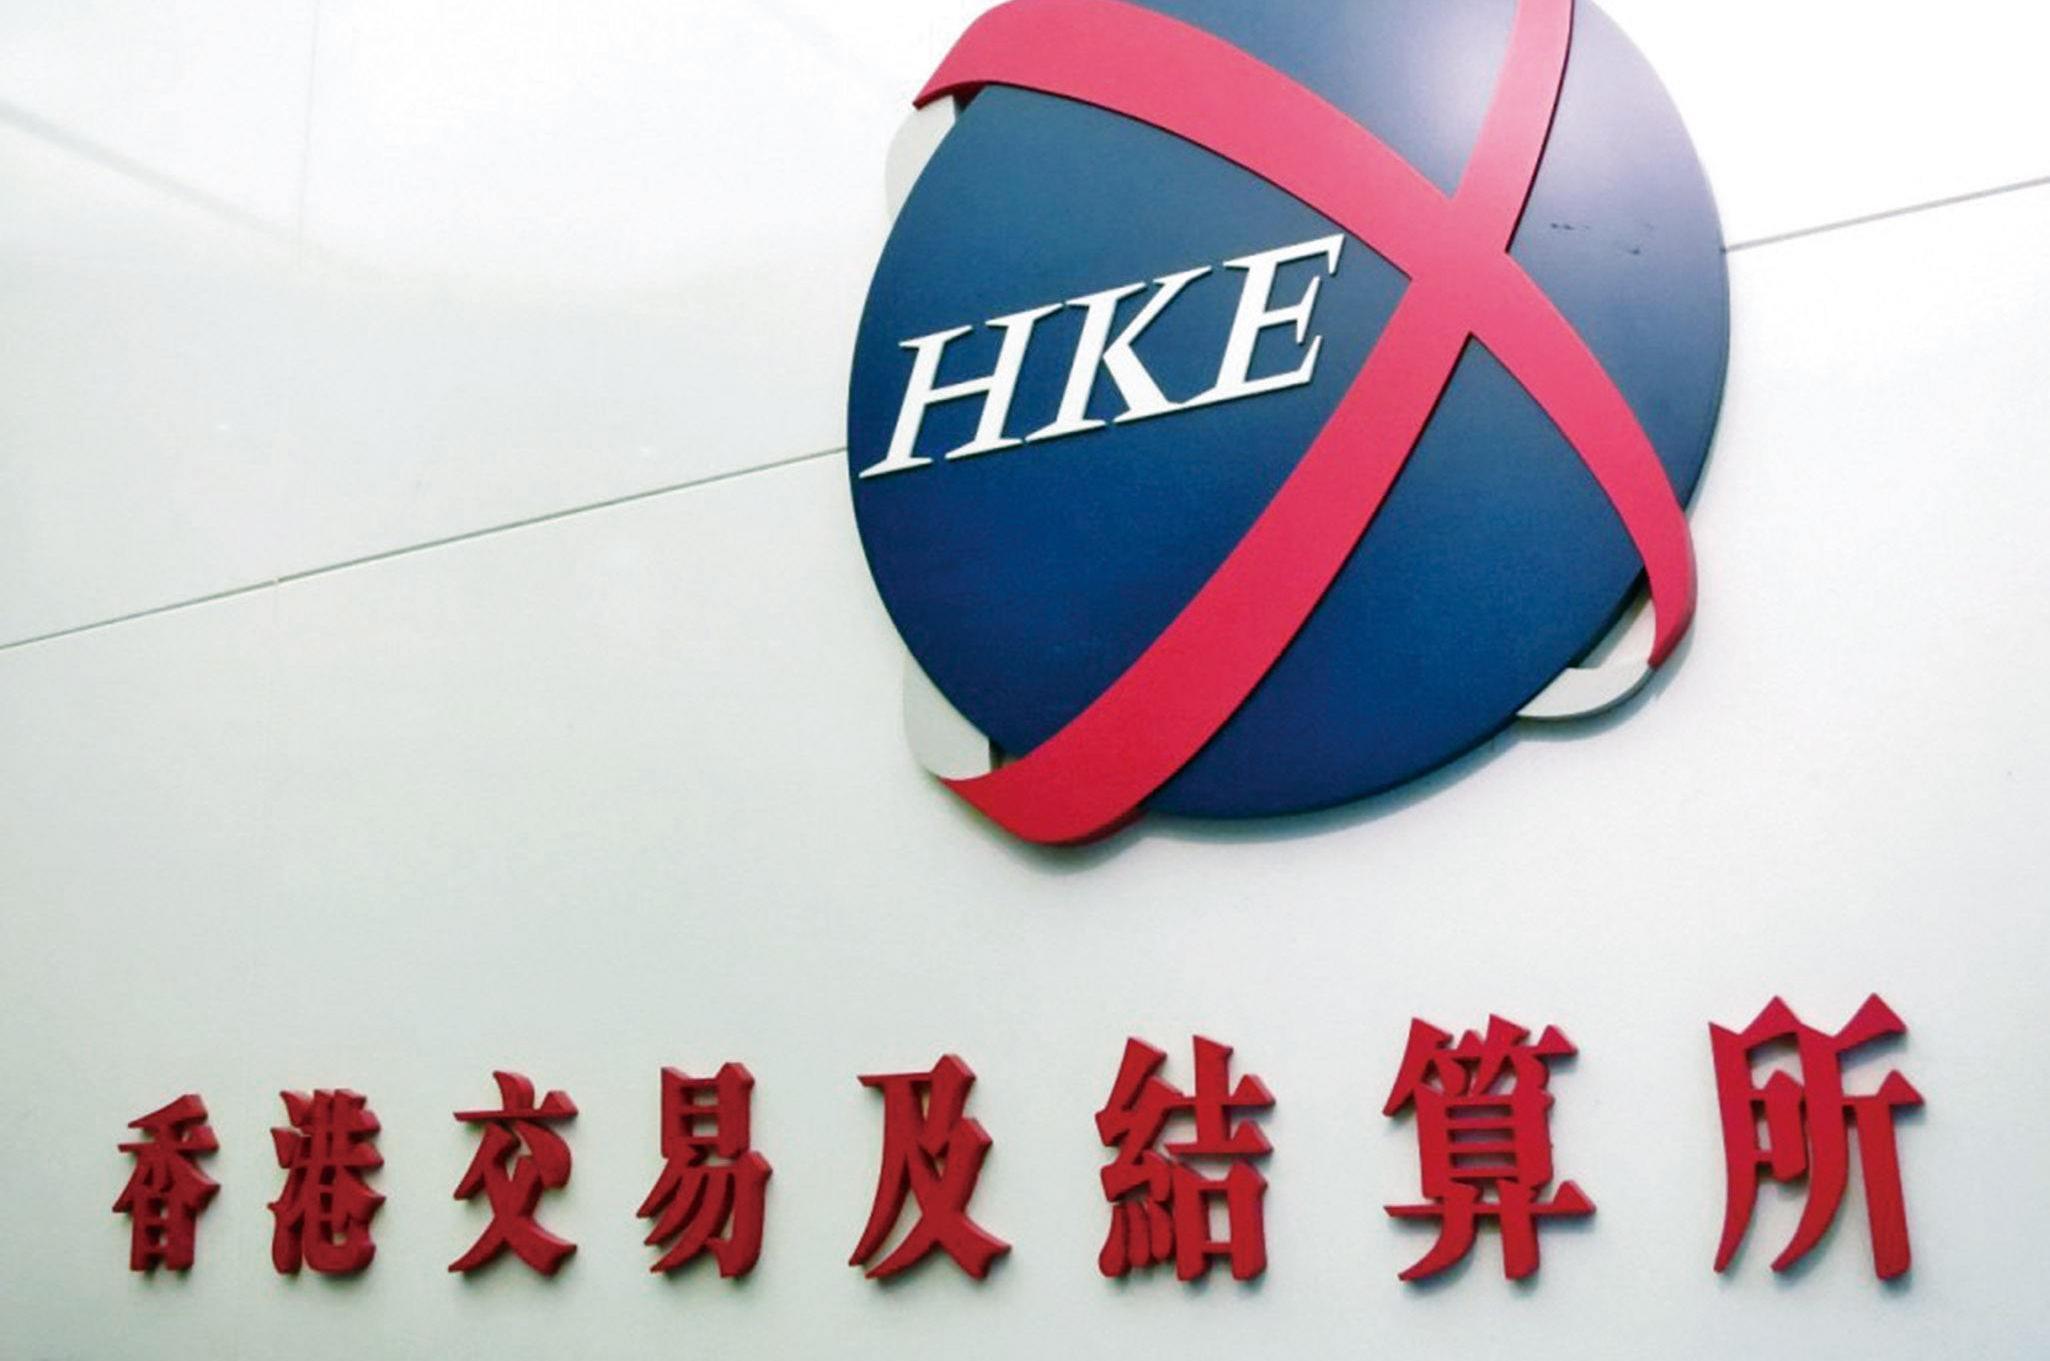 宋清辉:越是透明规范的公司越难被唱空